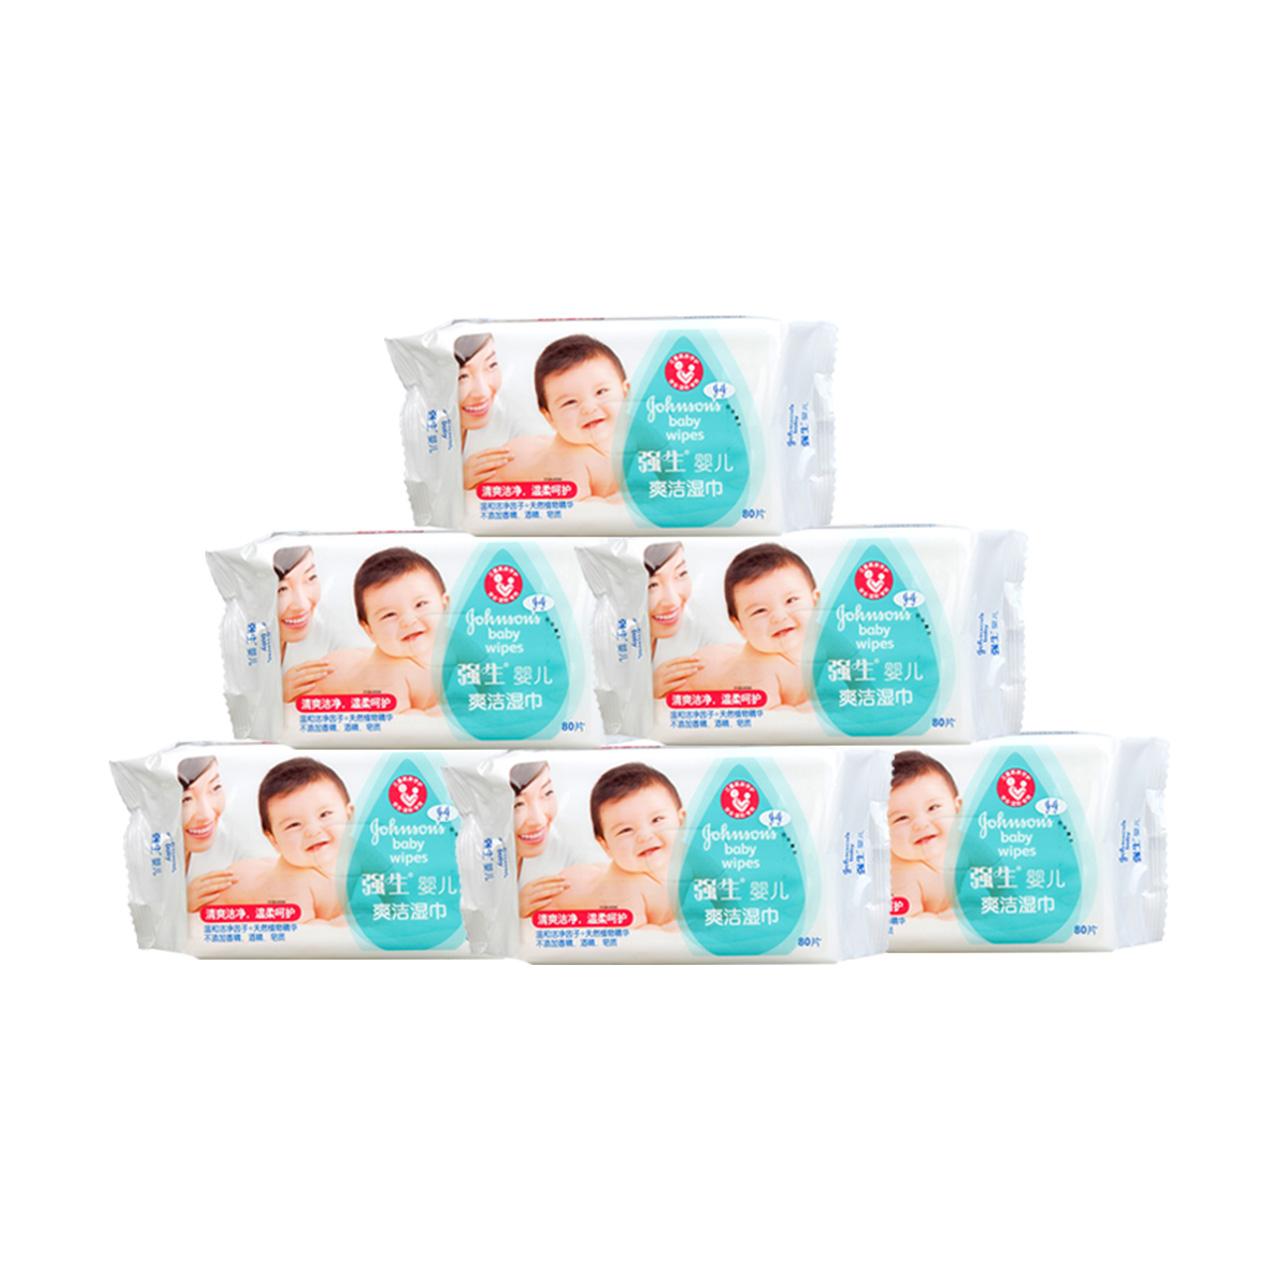 周年庆 强生婴儿童银耳柔护爽洁湿巾80*6特惠装新生儿专用